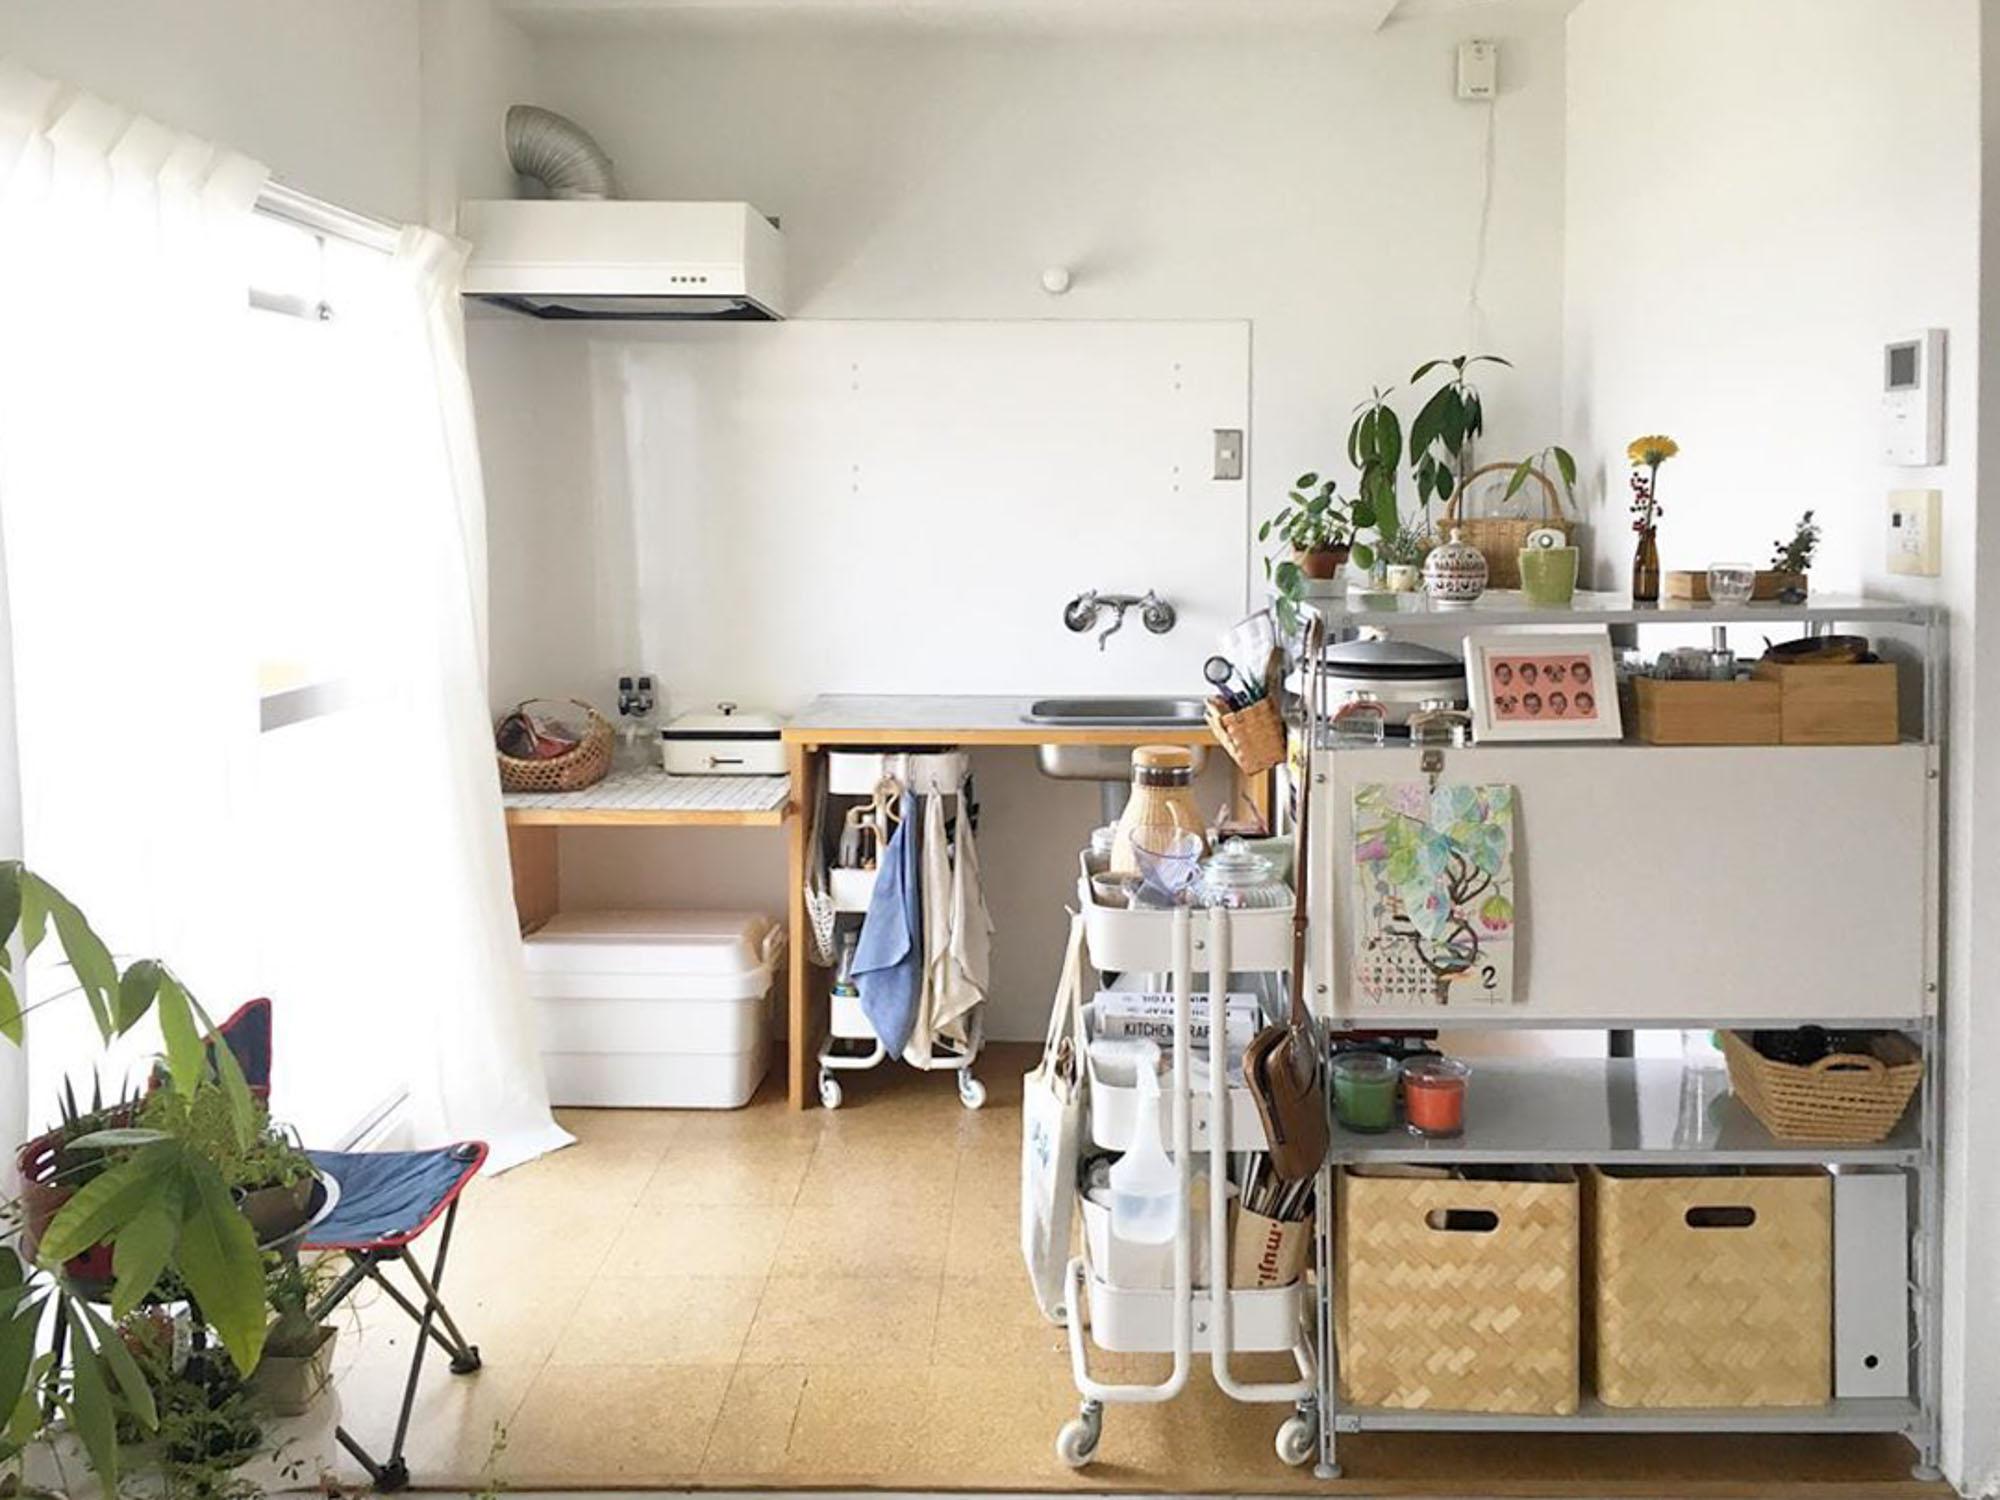 同じく、作りこまれていないところがお気に入りのキッチン。「最小限のものでスタートしてみよう」とガスコンロをおかず、卓上の小さなIHコンロのみ。生活感が出ないように、手前に置いた無印良品のラックの奥に家電類は隠しています。冷蔵庫もこのラックの高さを超えないように、こだわりました。